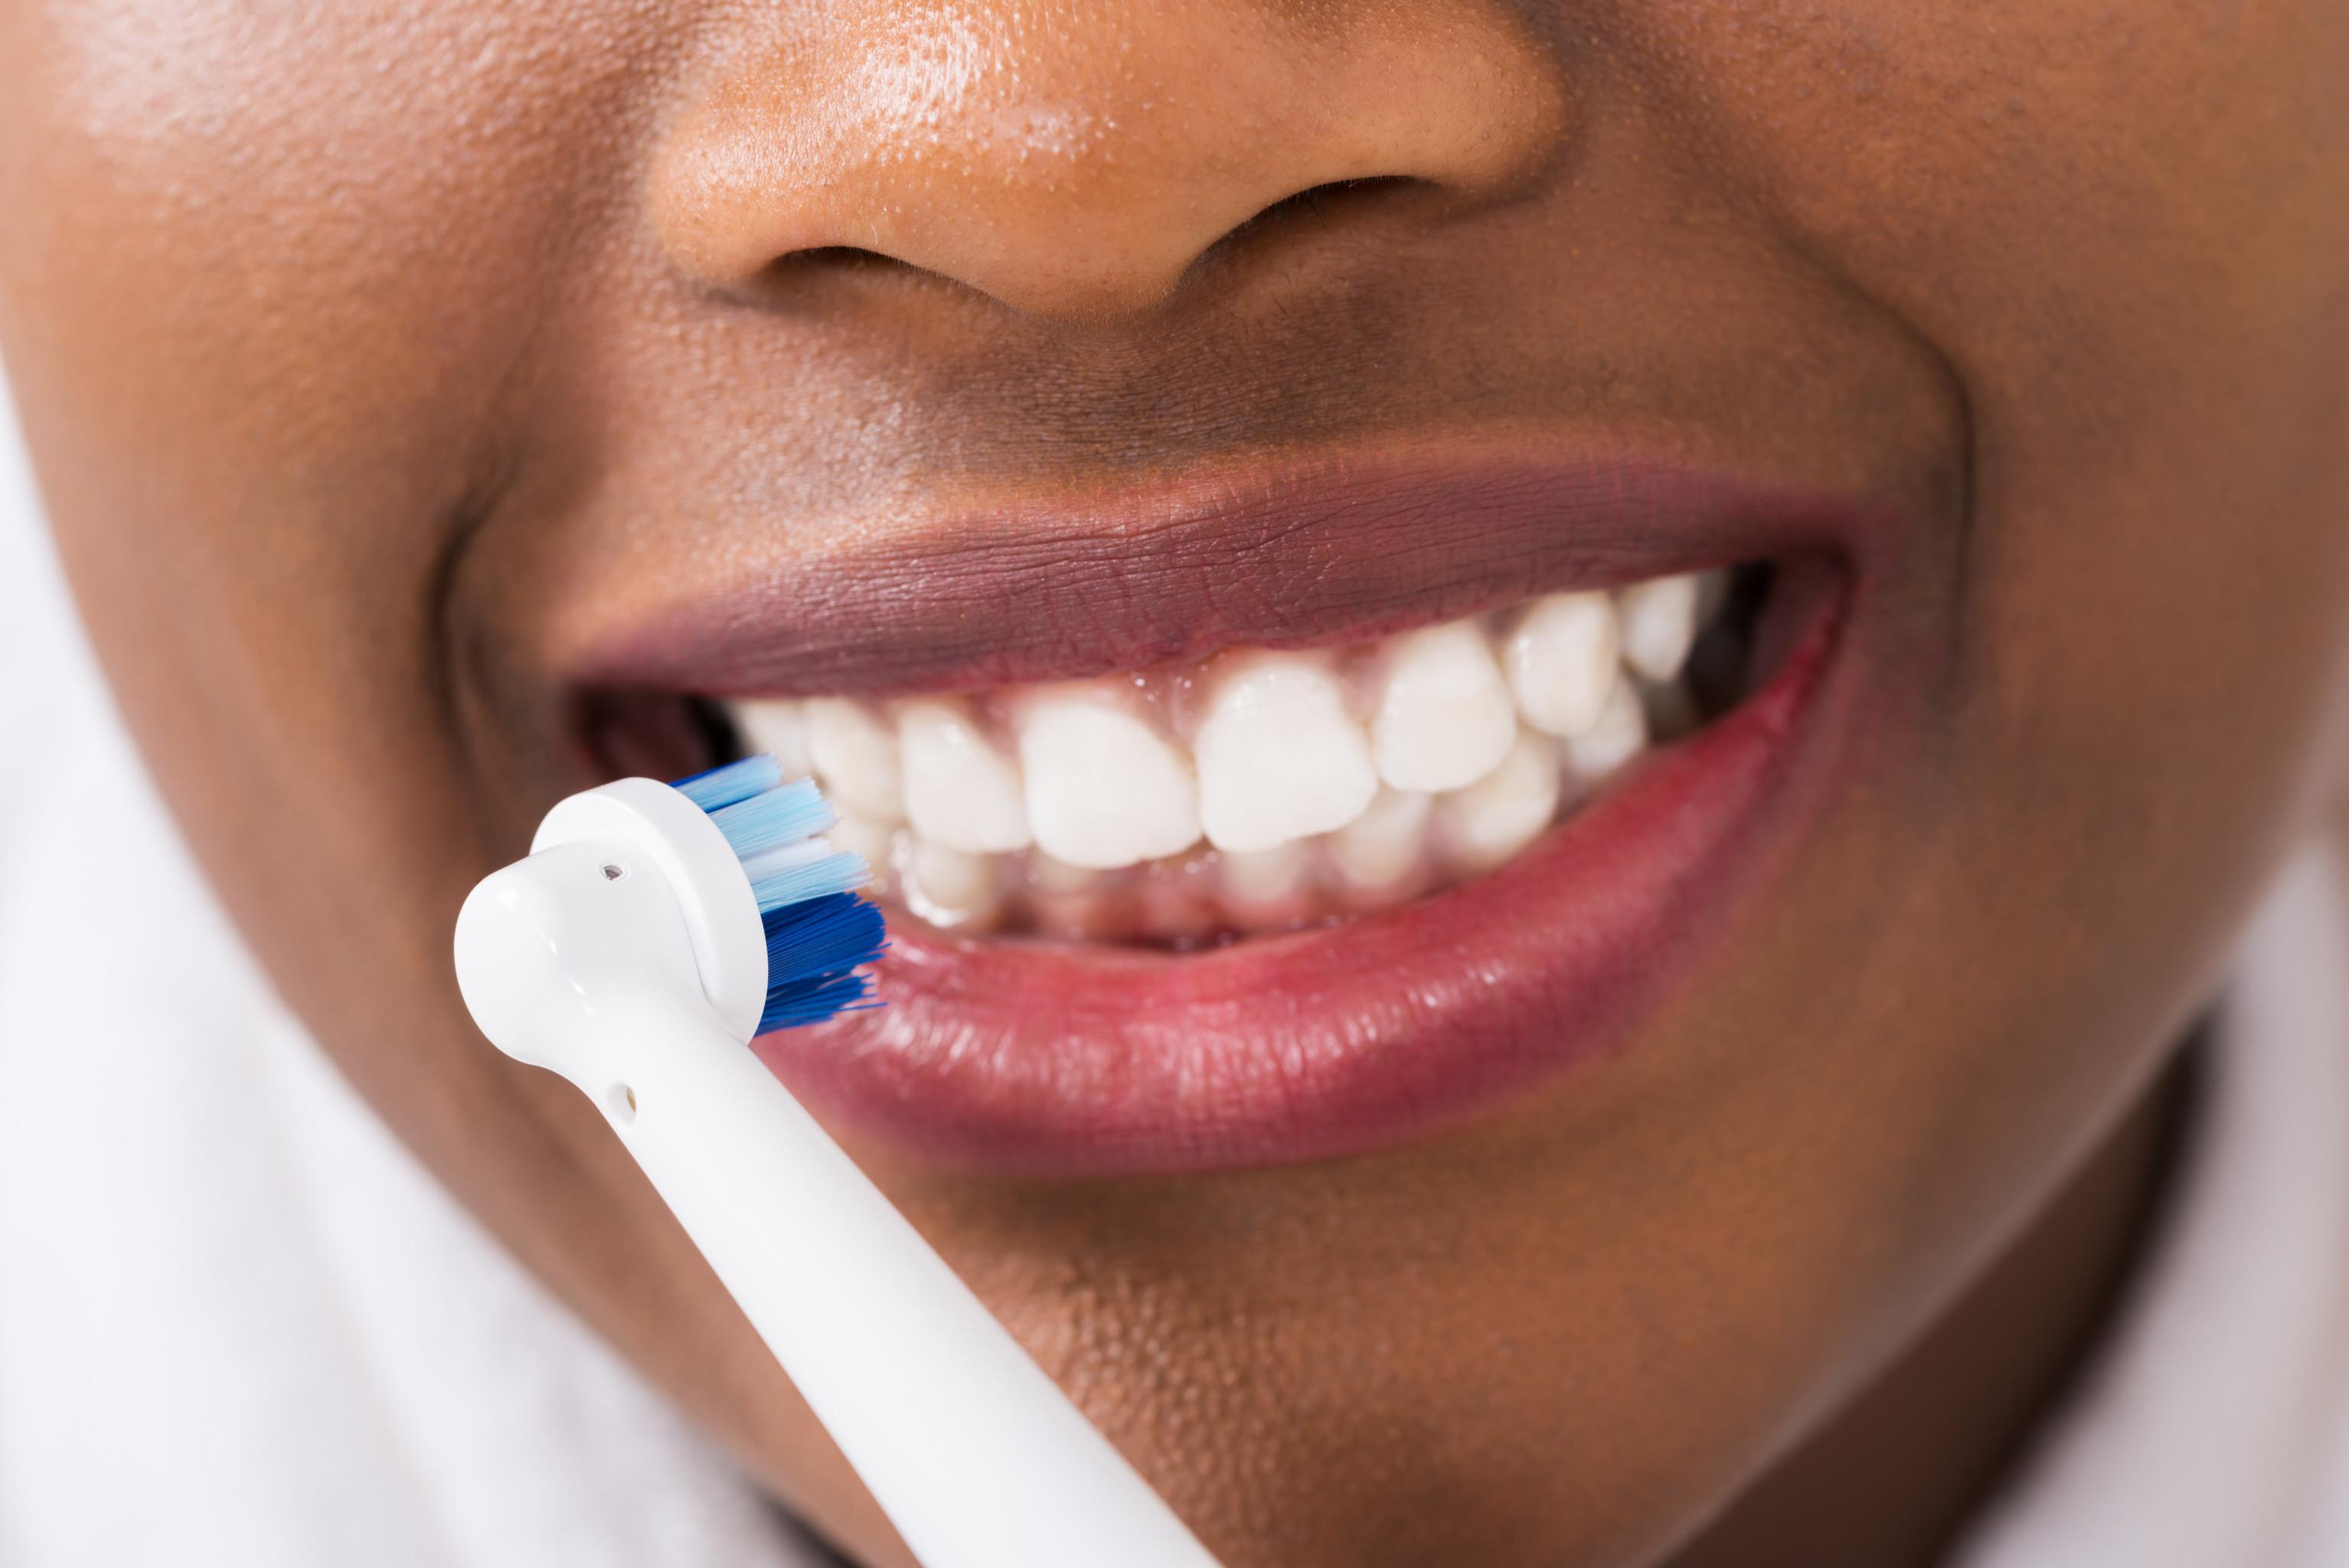 tandblekning laser nackdelar